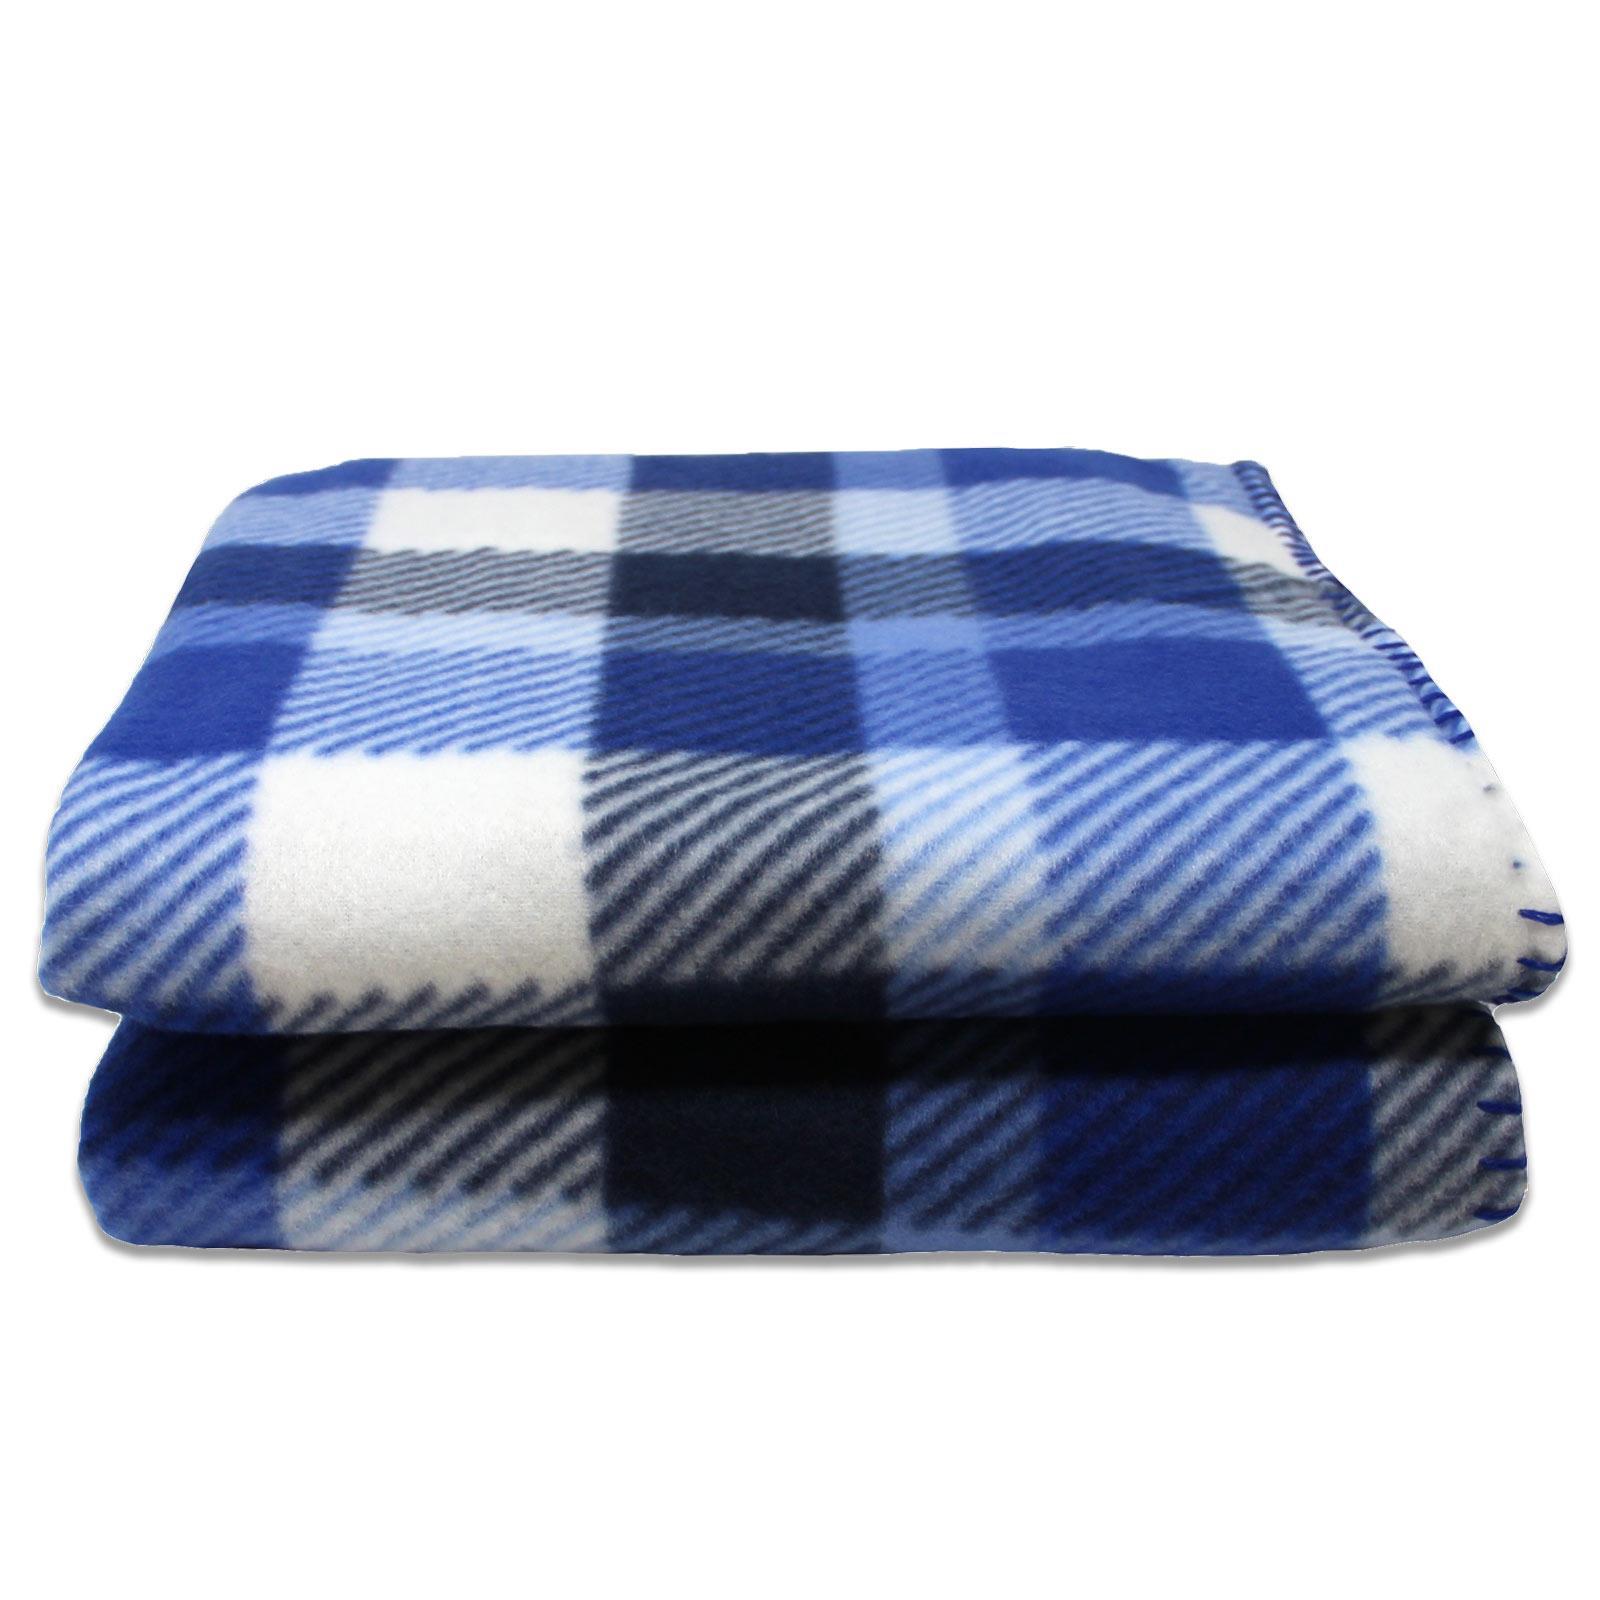 Sofa-de-verificacion-de-tartan-polar-mantas-polar-silla-acogedor-lanza-Manta-127cm-X-152cm miniatura 15